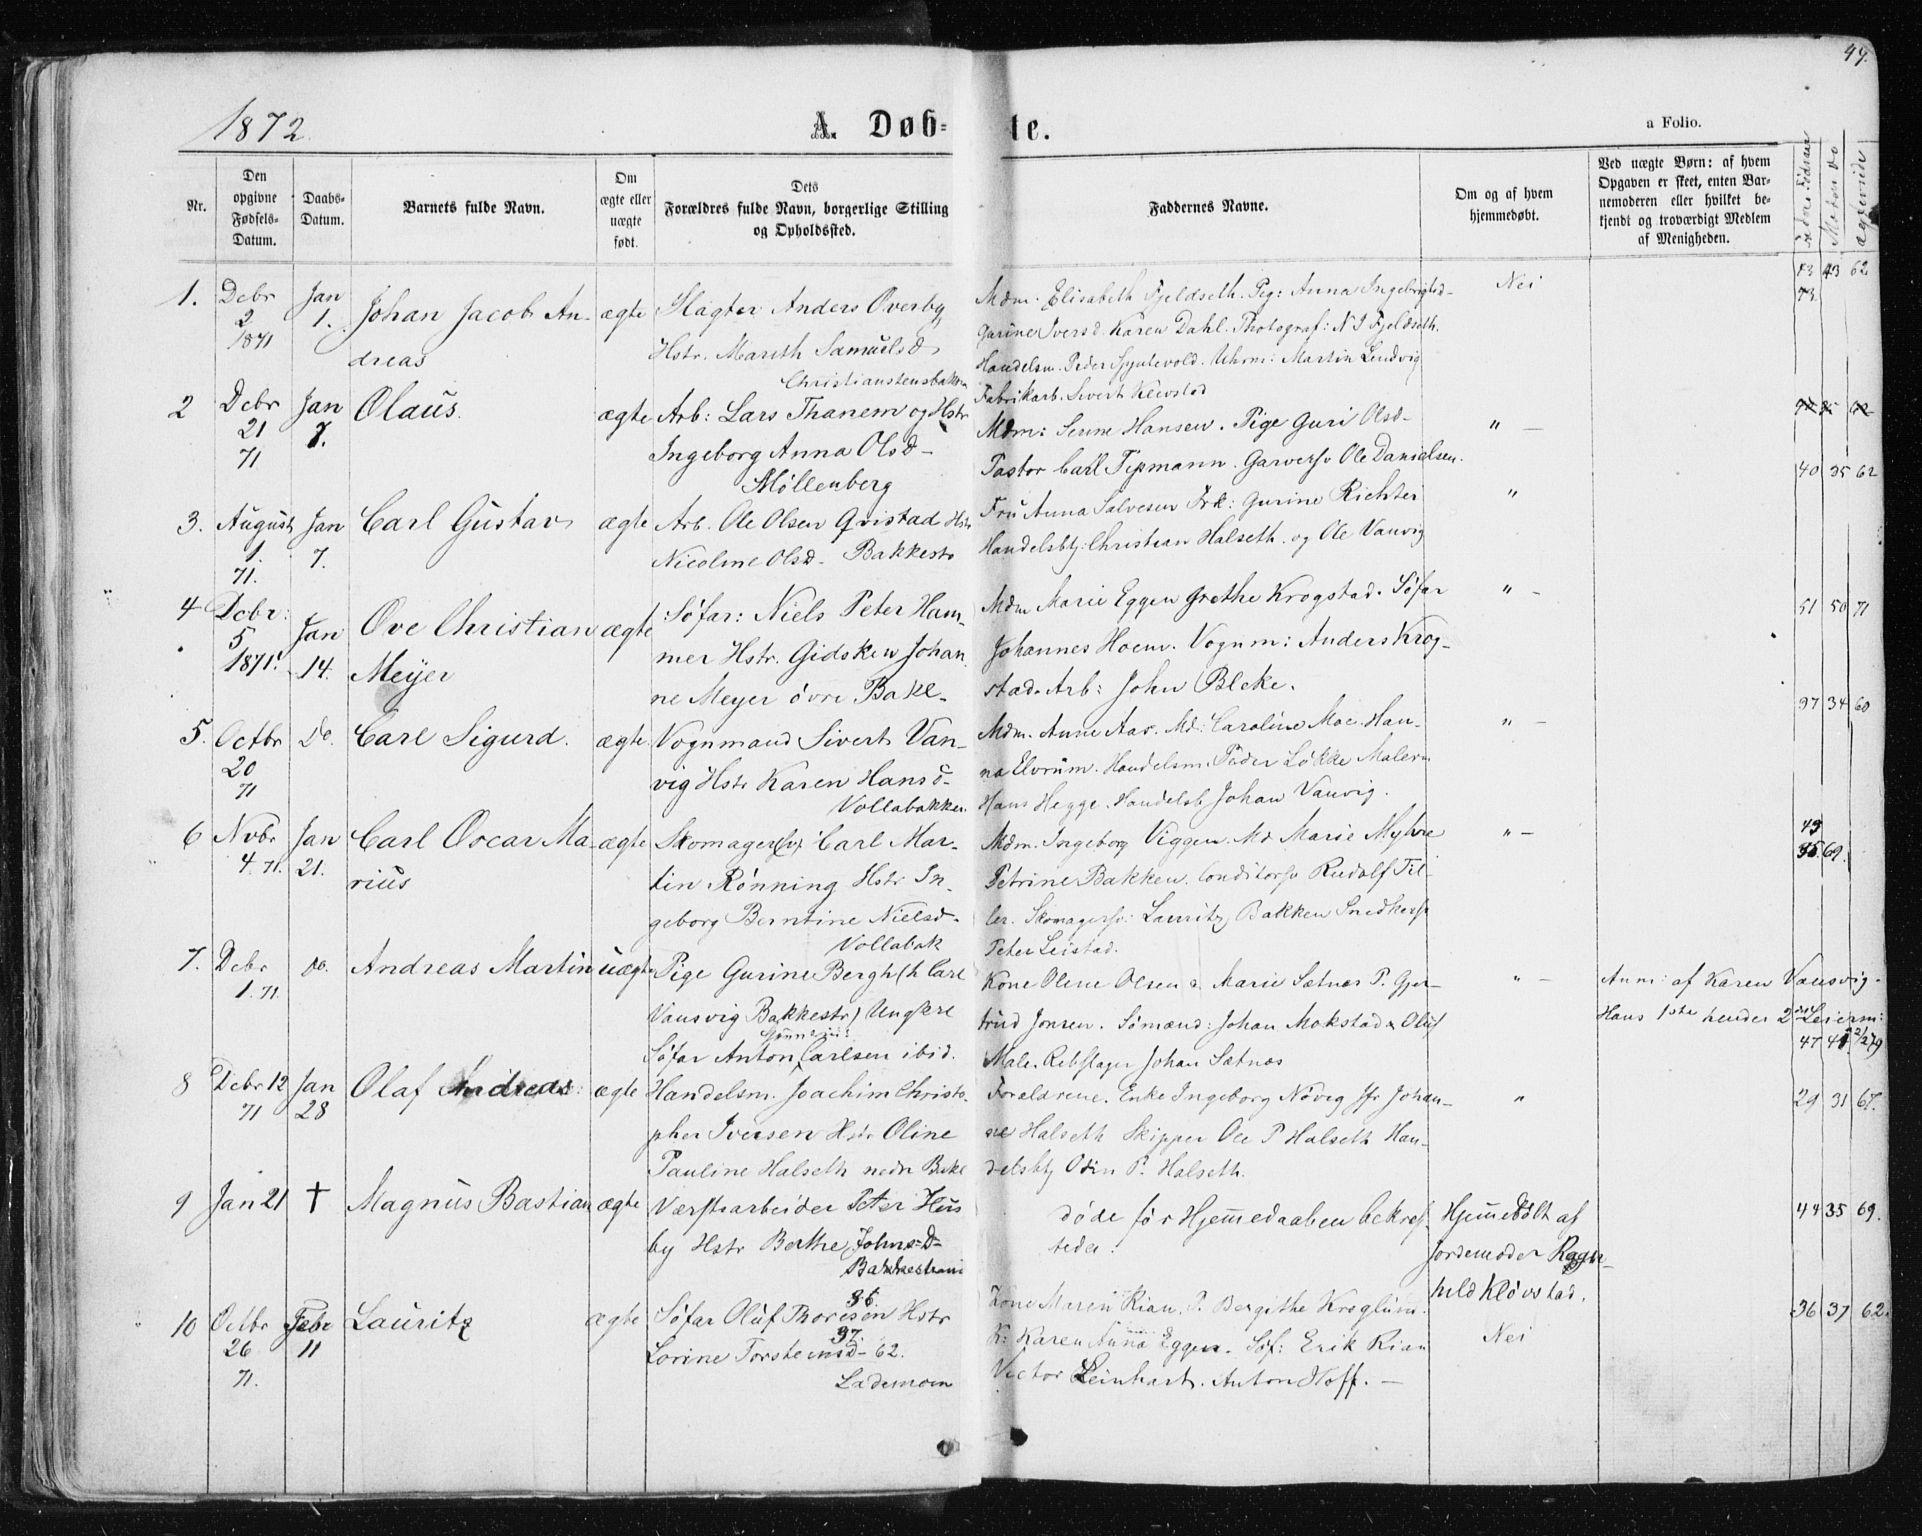 SAT, Ministerialprotokoller, klokkerbøker og fødselsregistre - Sør-Trøndelag, 604/L0186: Ministerialbok nr. 604A07, 1866-1877, s. 49